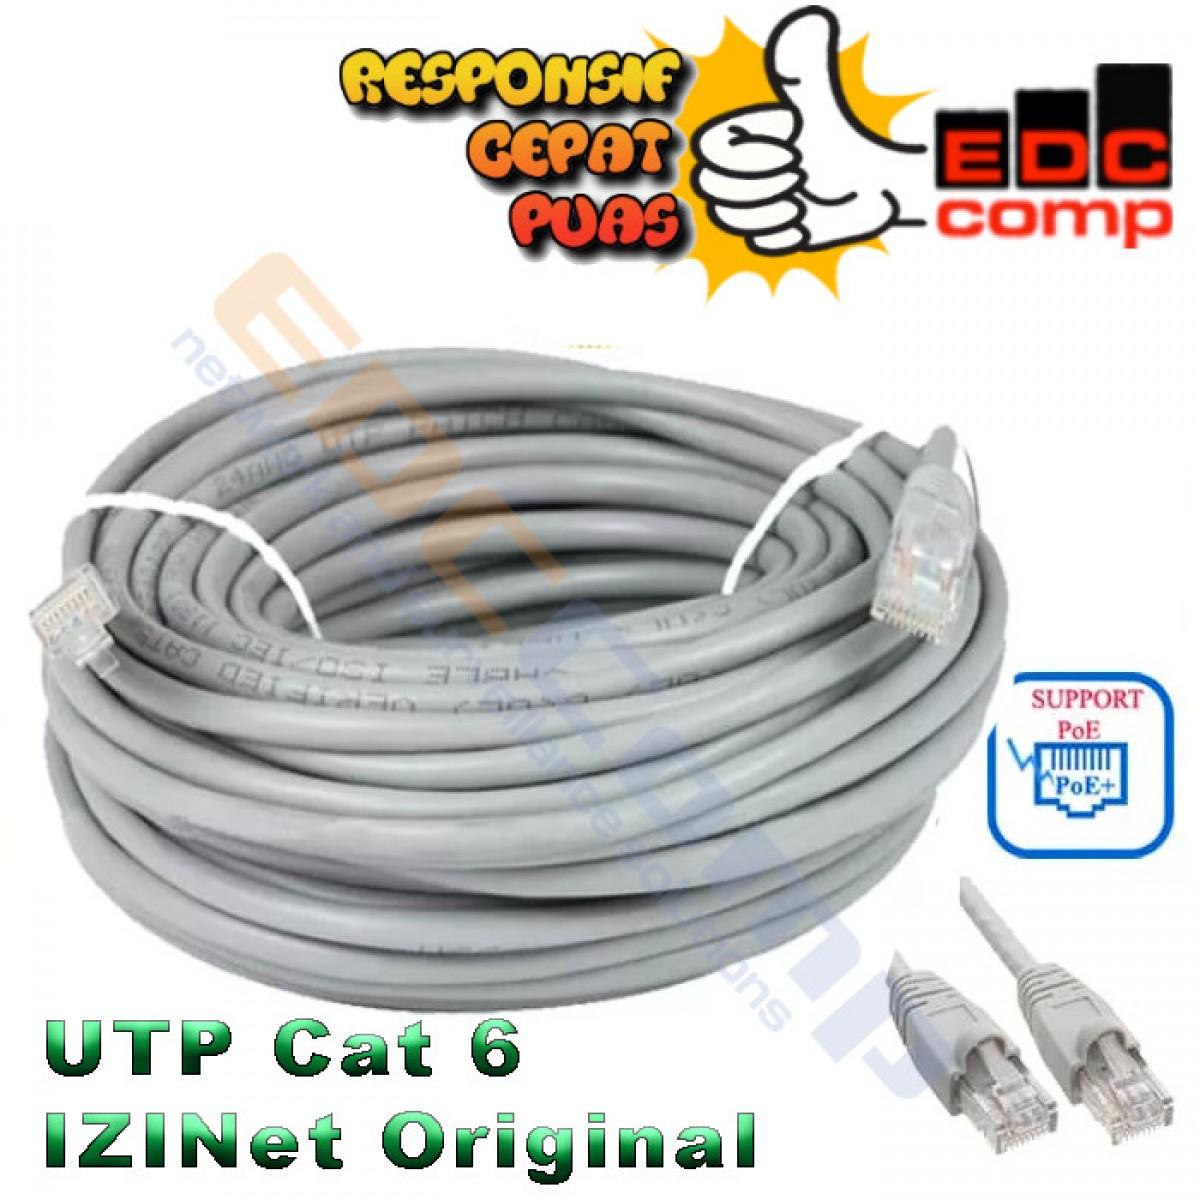 Kabel IZINET UTP Cat6 / Cable Izinet Cat6 25 Meter - EdcComp